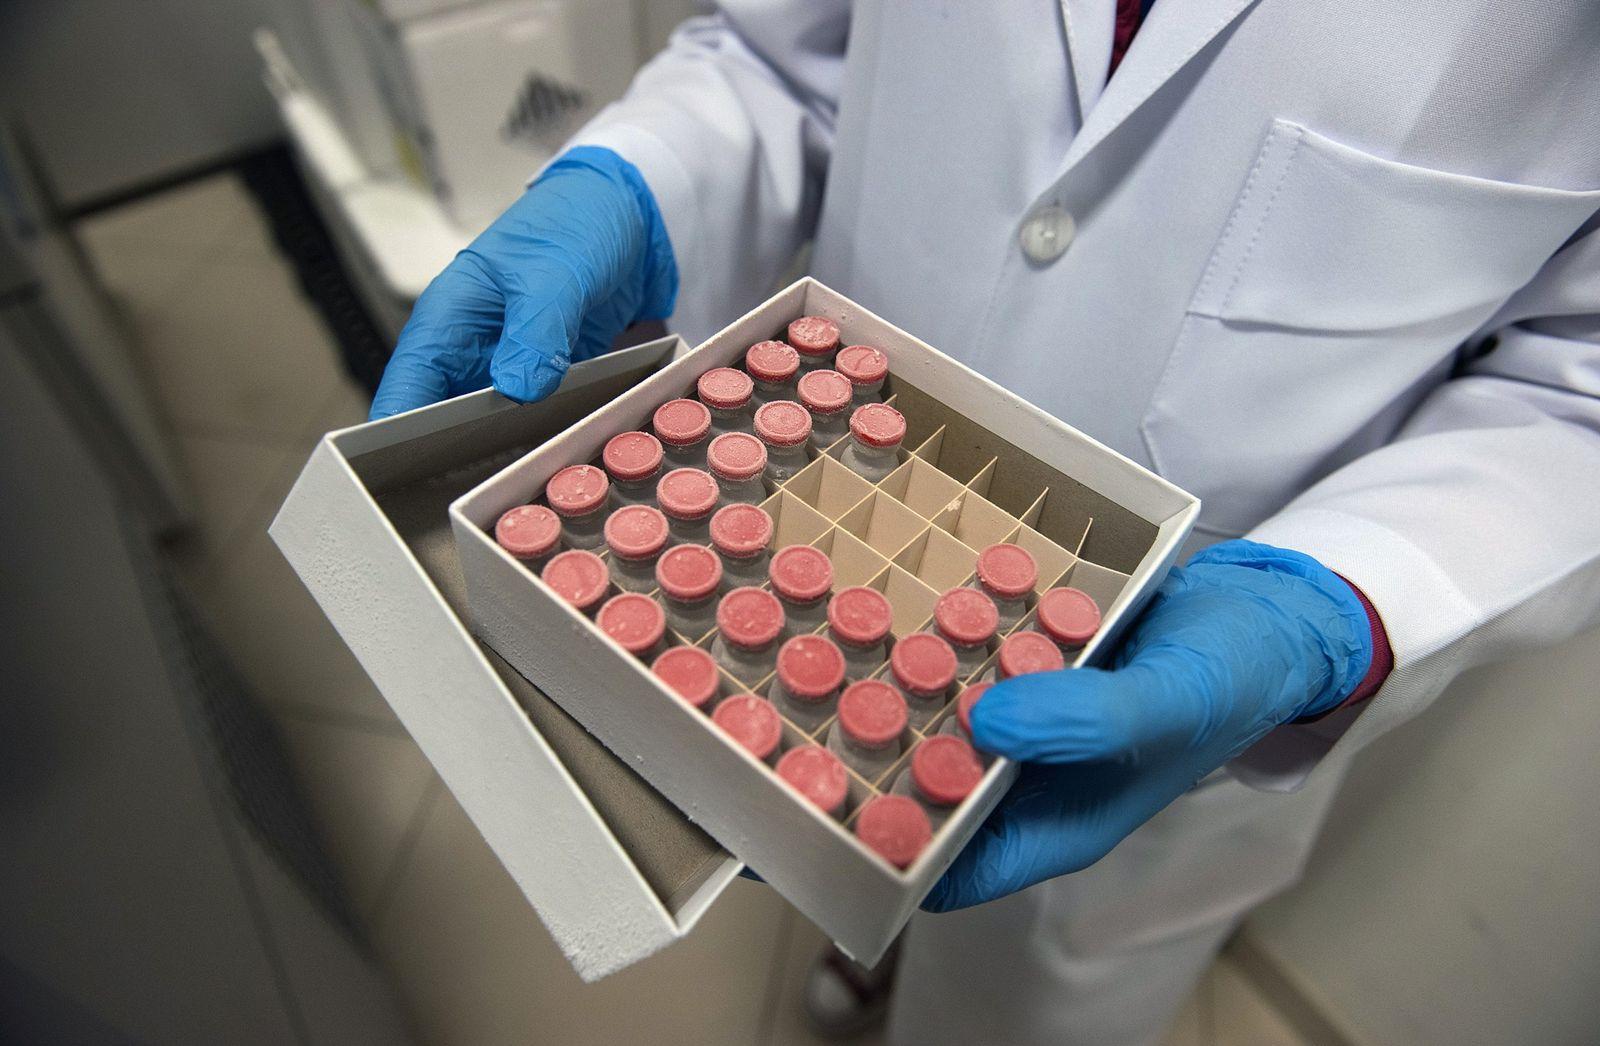 La vacuna anti-COVID-19 de Oxford entra en la fase final de los ensayos clínicos